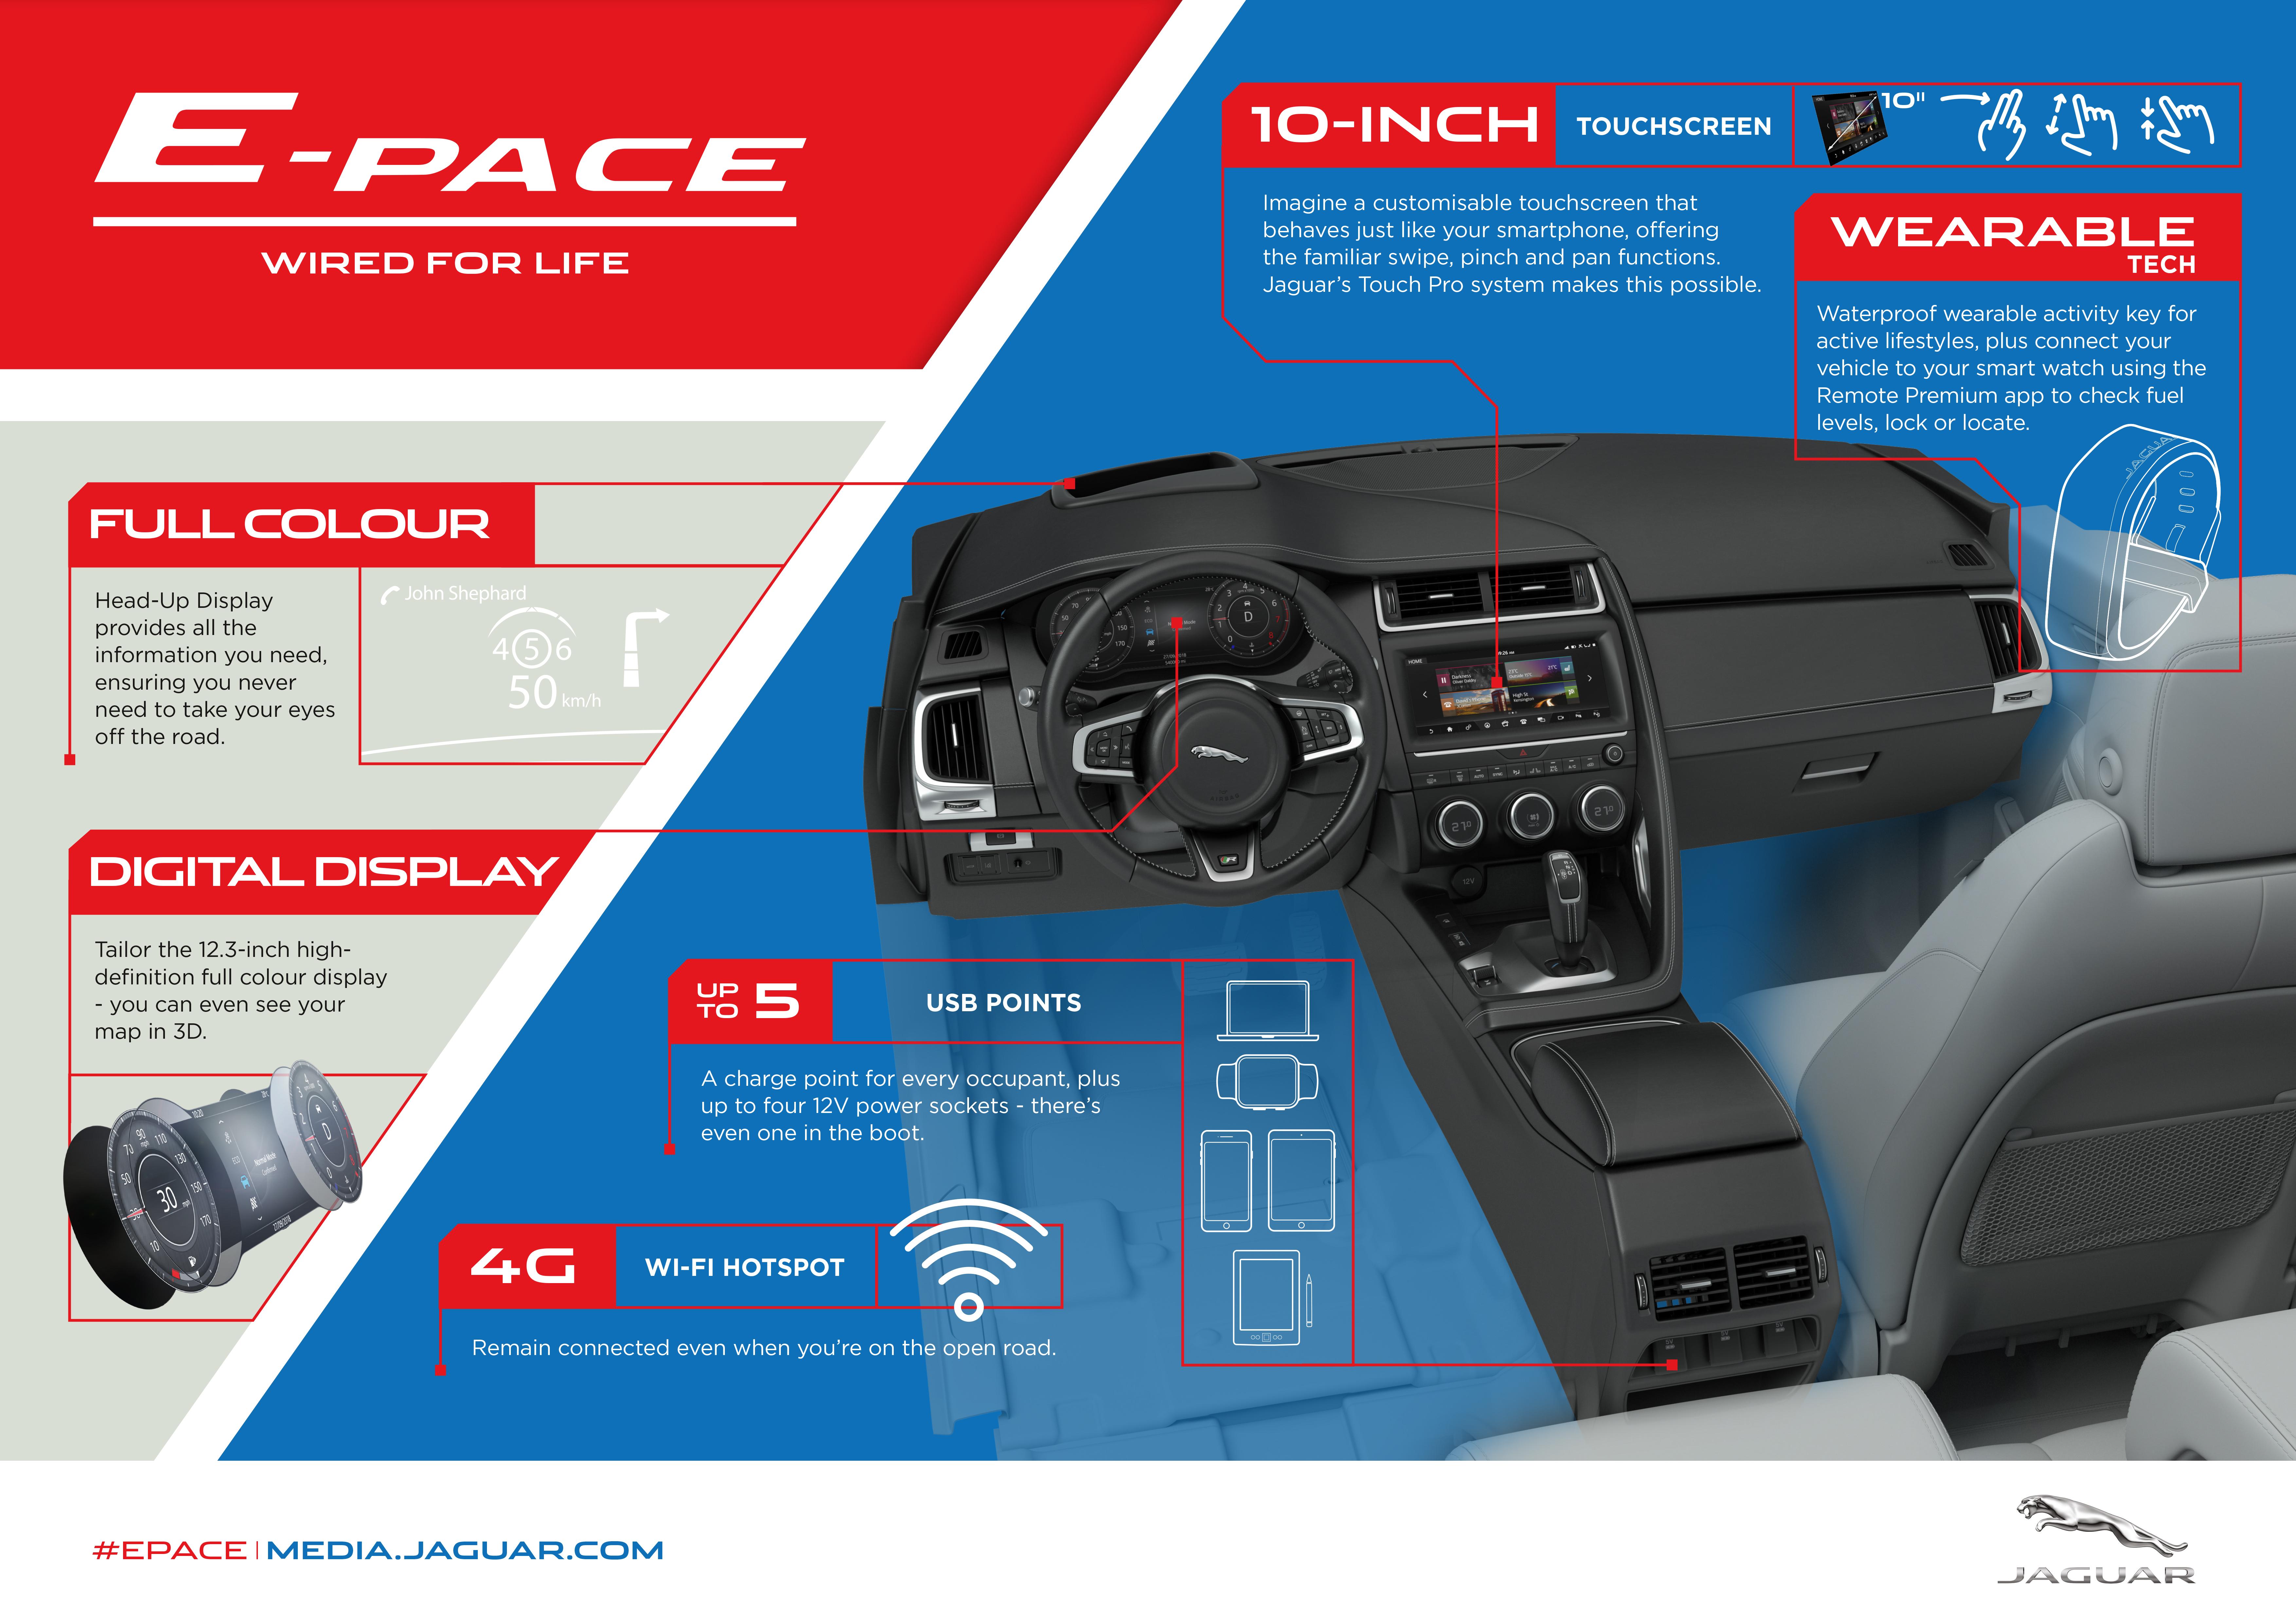 Jaguar E-Pace, kaya FM Motoring, Mxolisi Mhlongo, Jaguar south africa review, kaya fm car reviews